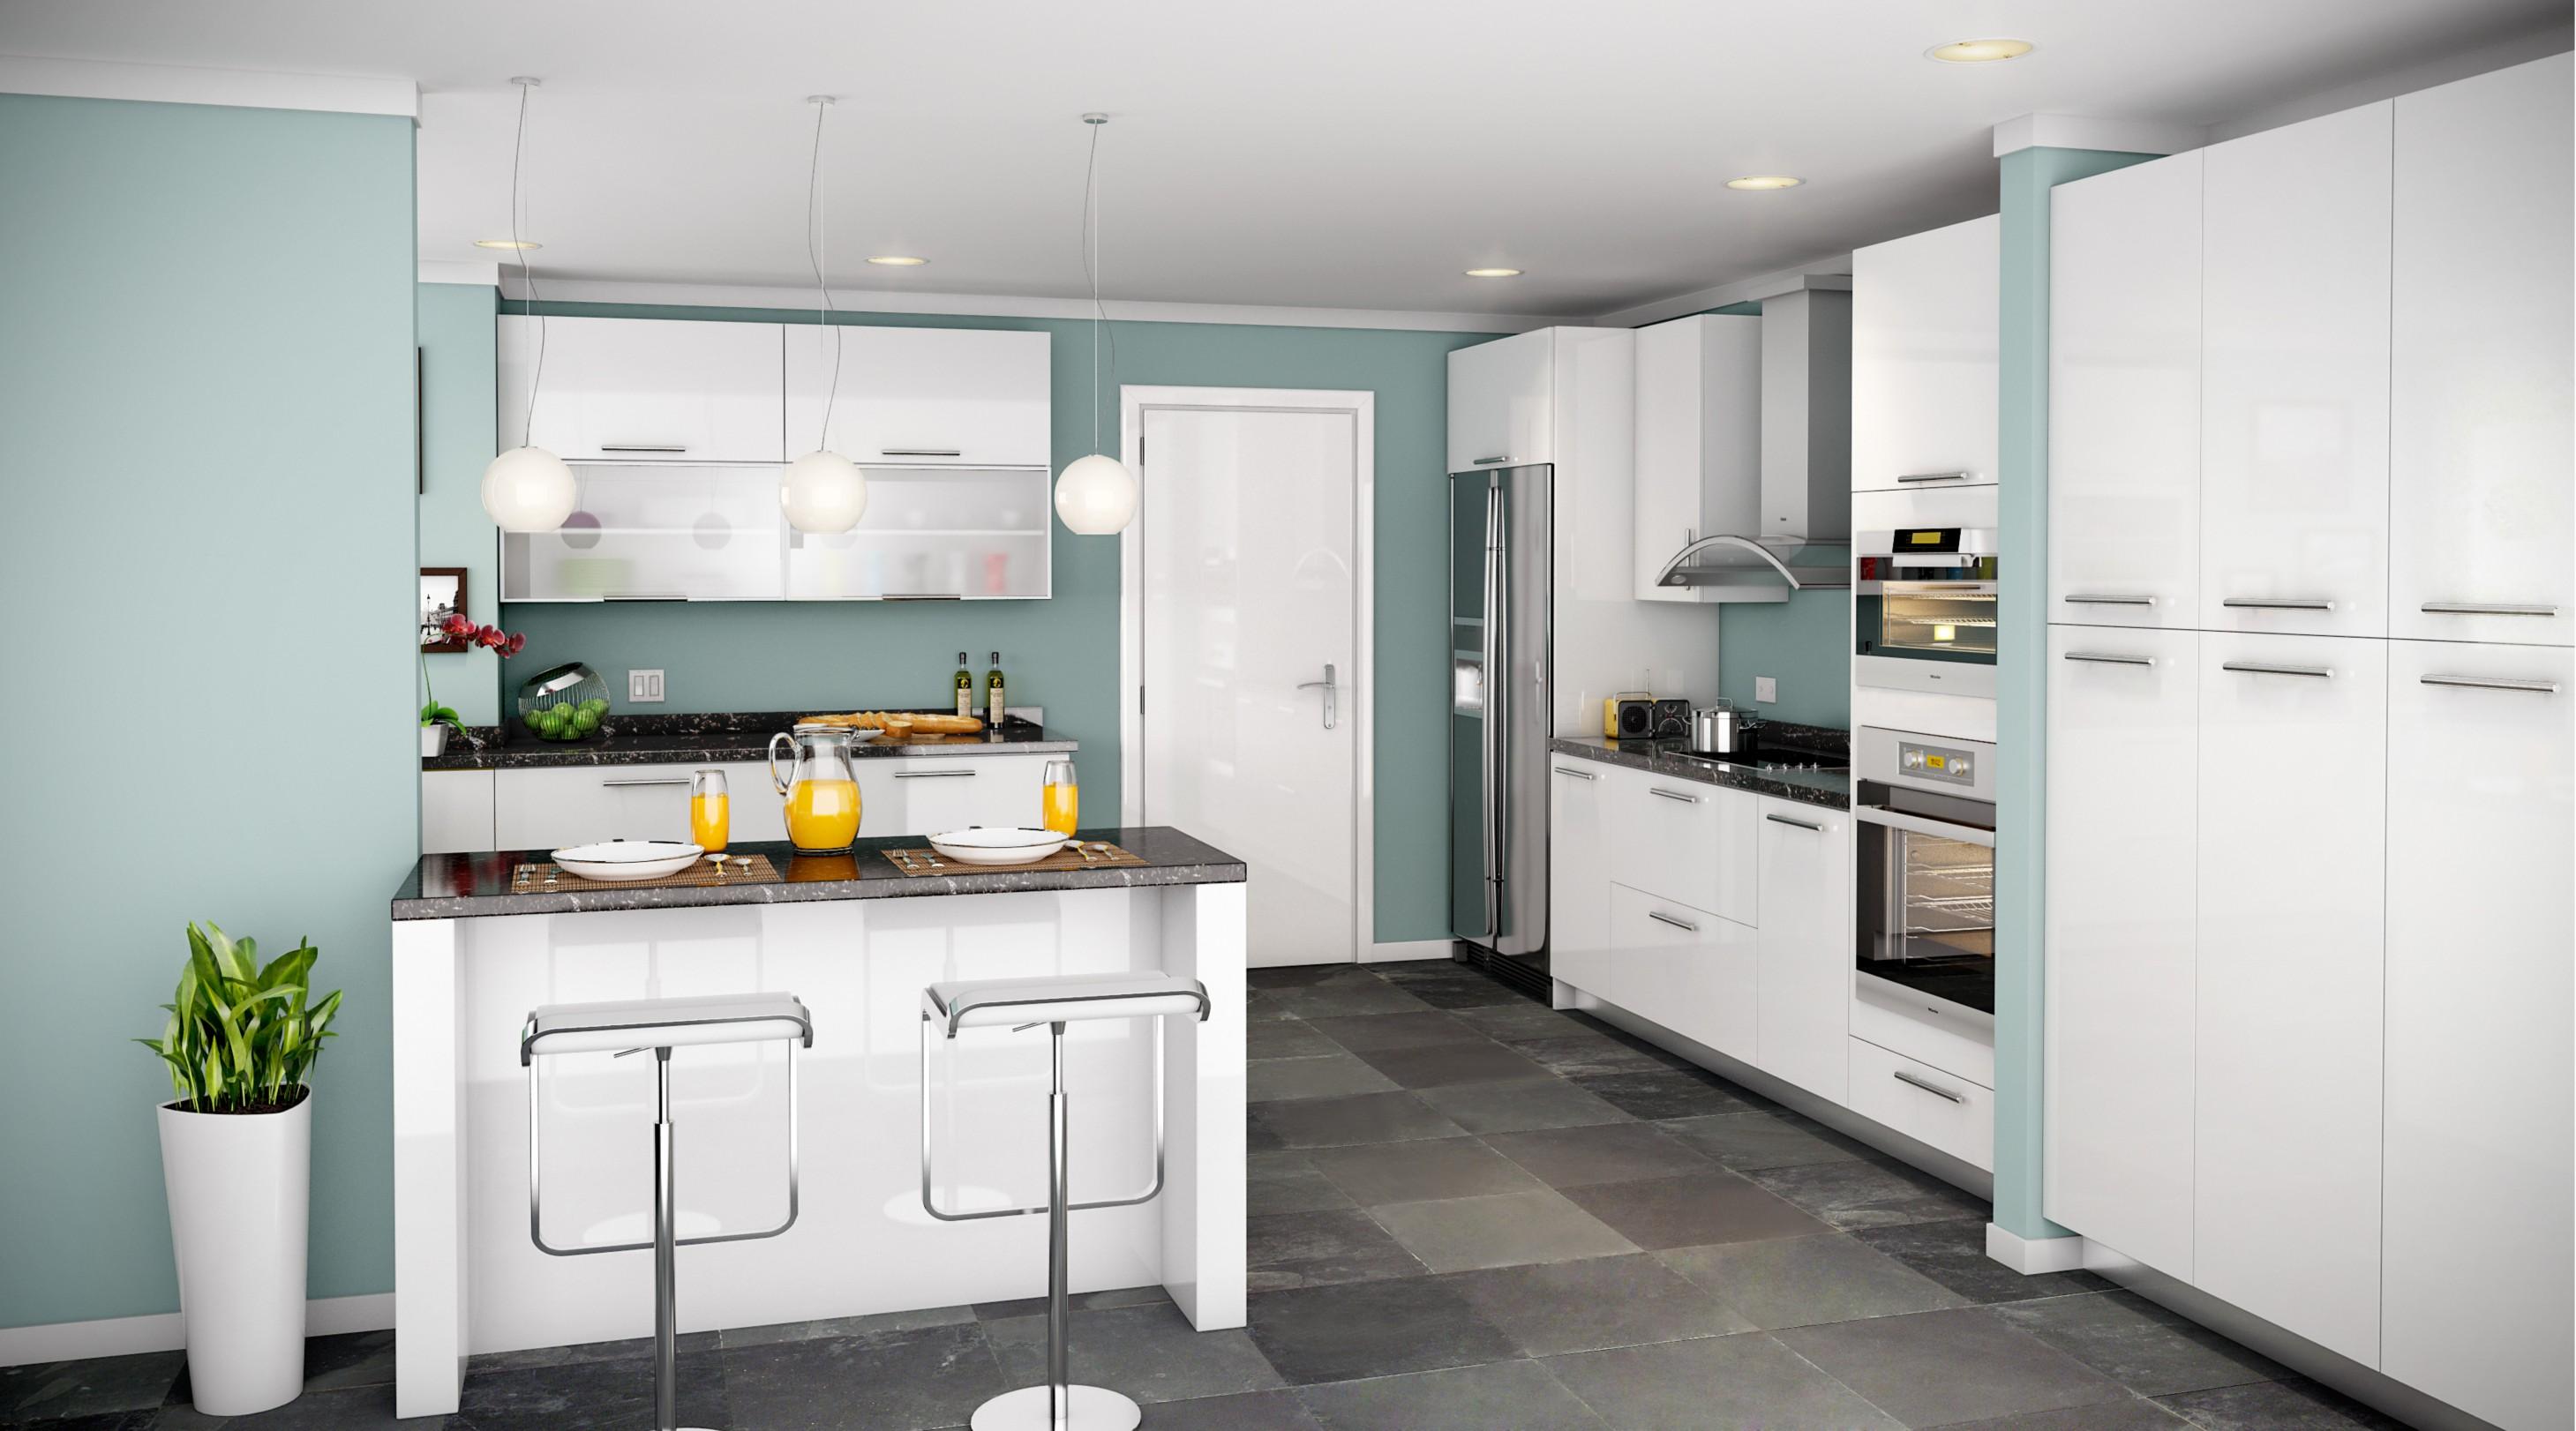 Apex Kitchen Cabinet and Granite Countertop image 8